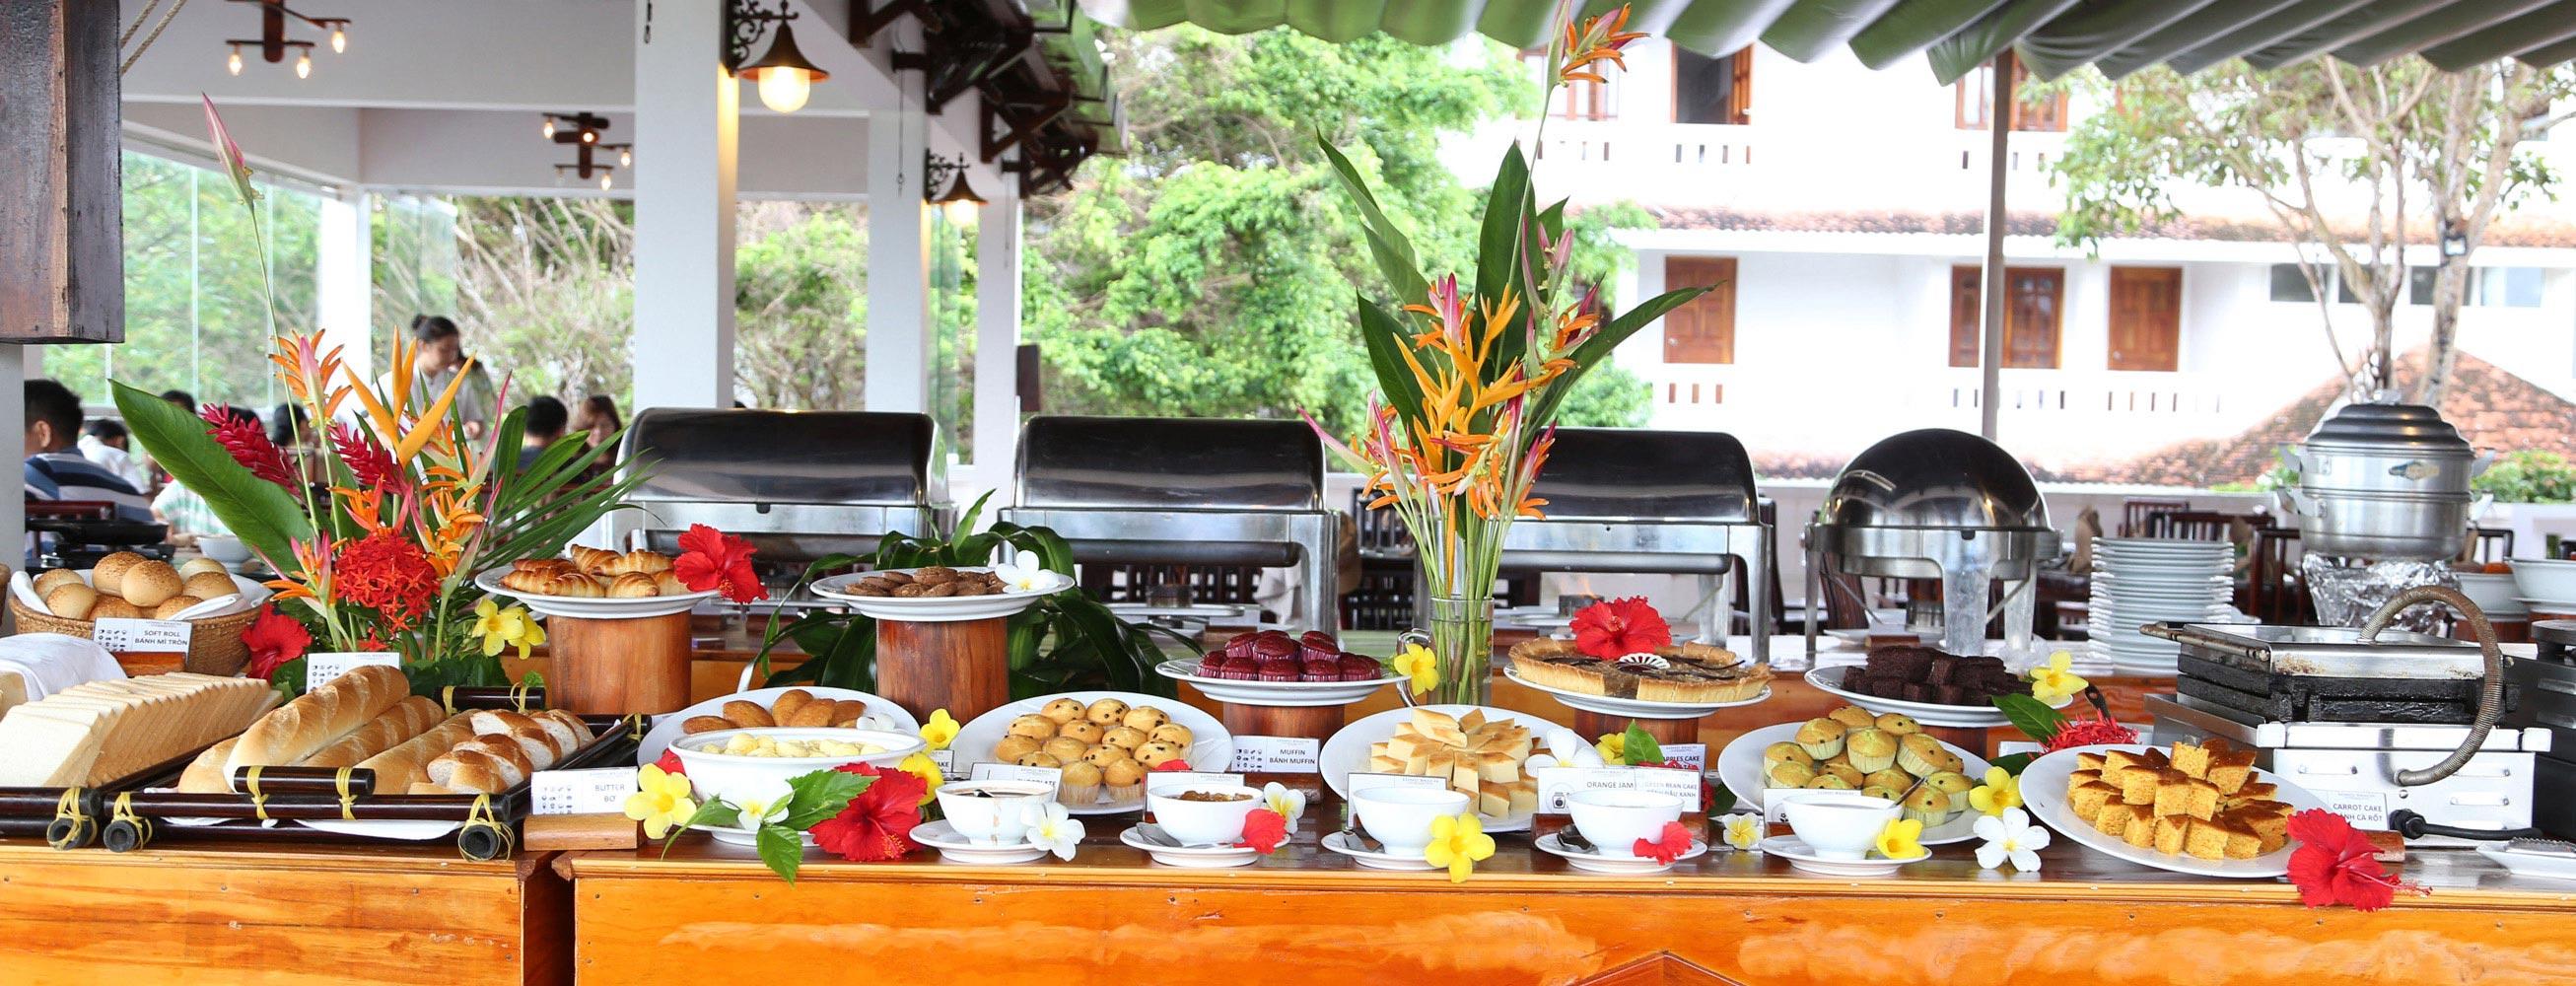 Thiết kế bếp công nghiệp, liên hệ mua bếp công nghiệp, thiết kế bếp khách sạn.